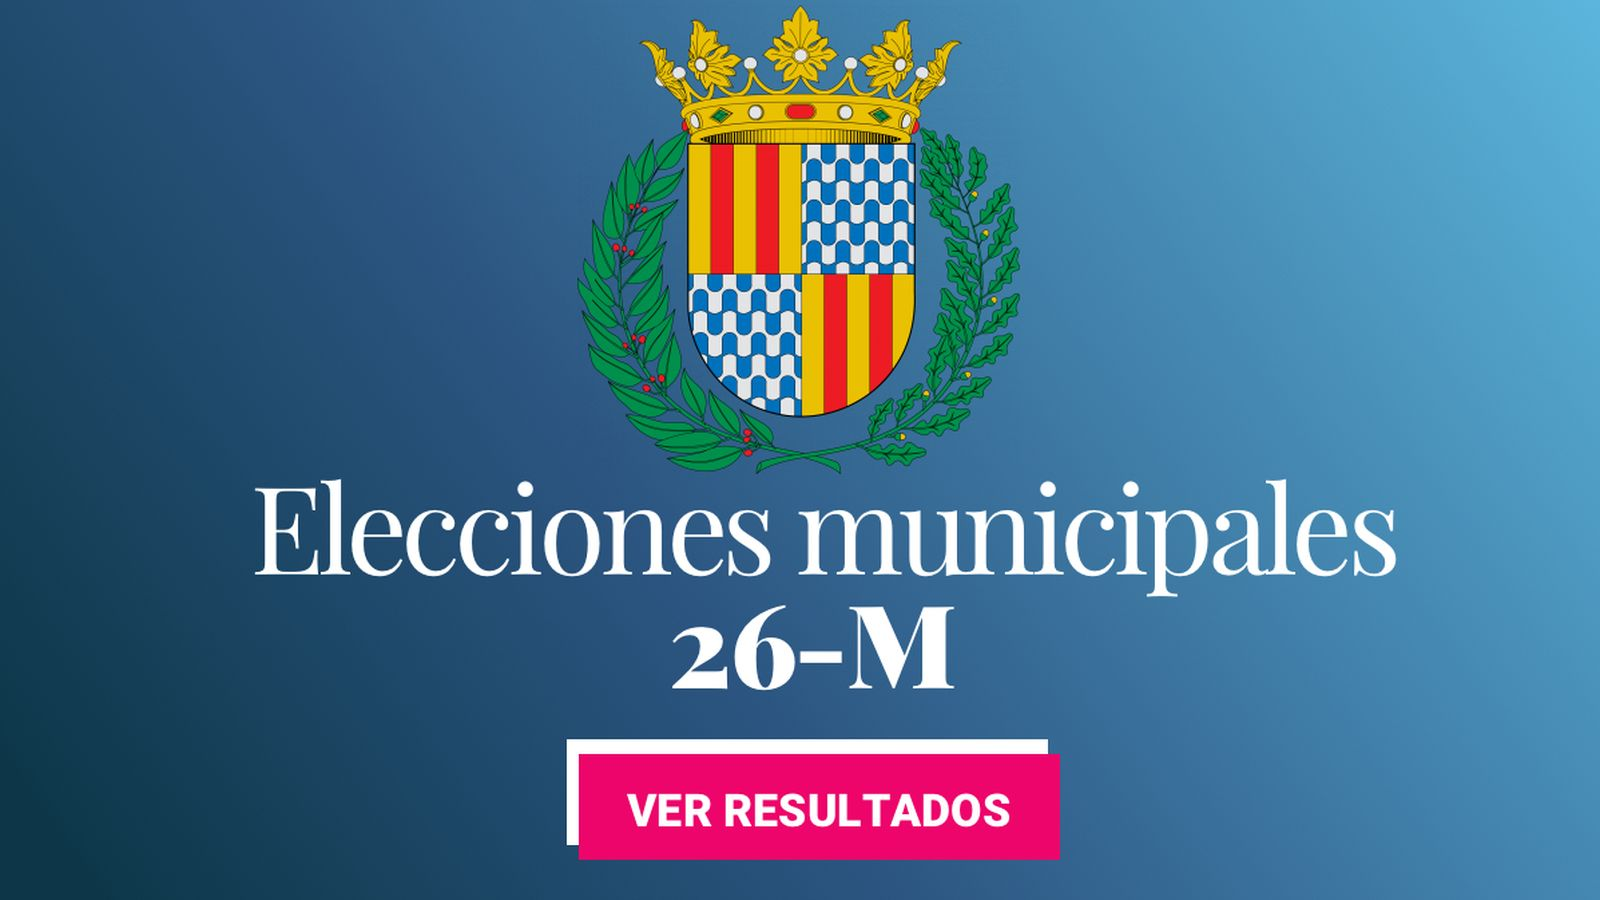 Foto: Elecciones municipales 2019 en Badalona. (C.C./EC)